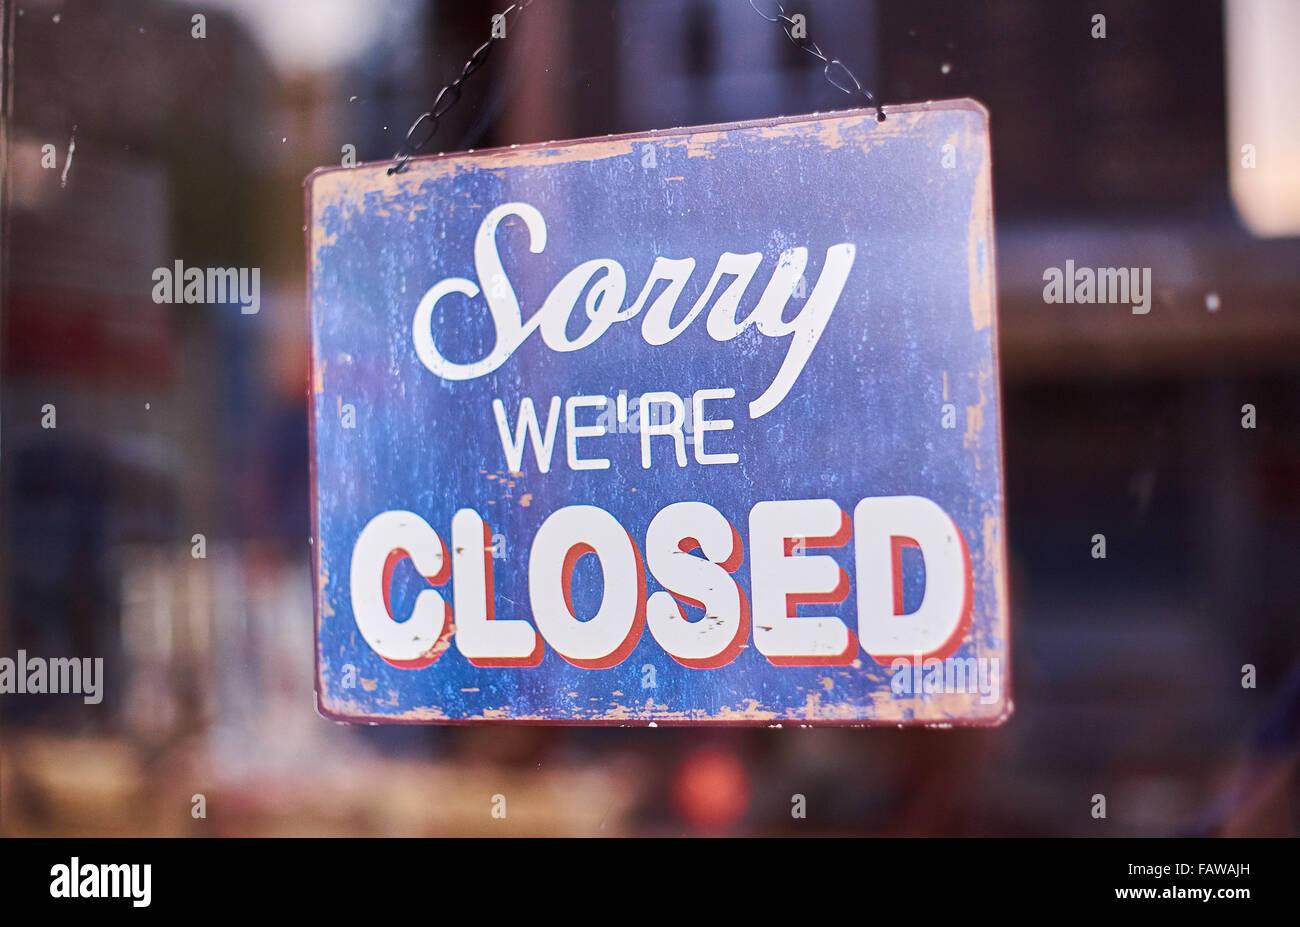 Désolés Nous sommes fermé boutique affiche de porte en bleu et blanc Photo Stock